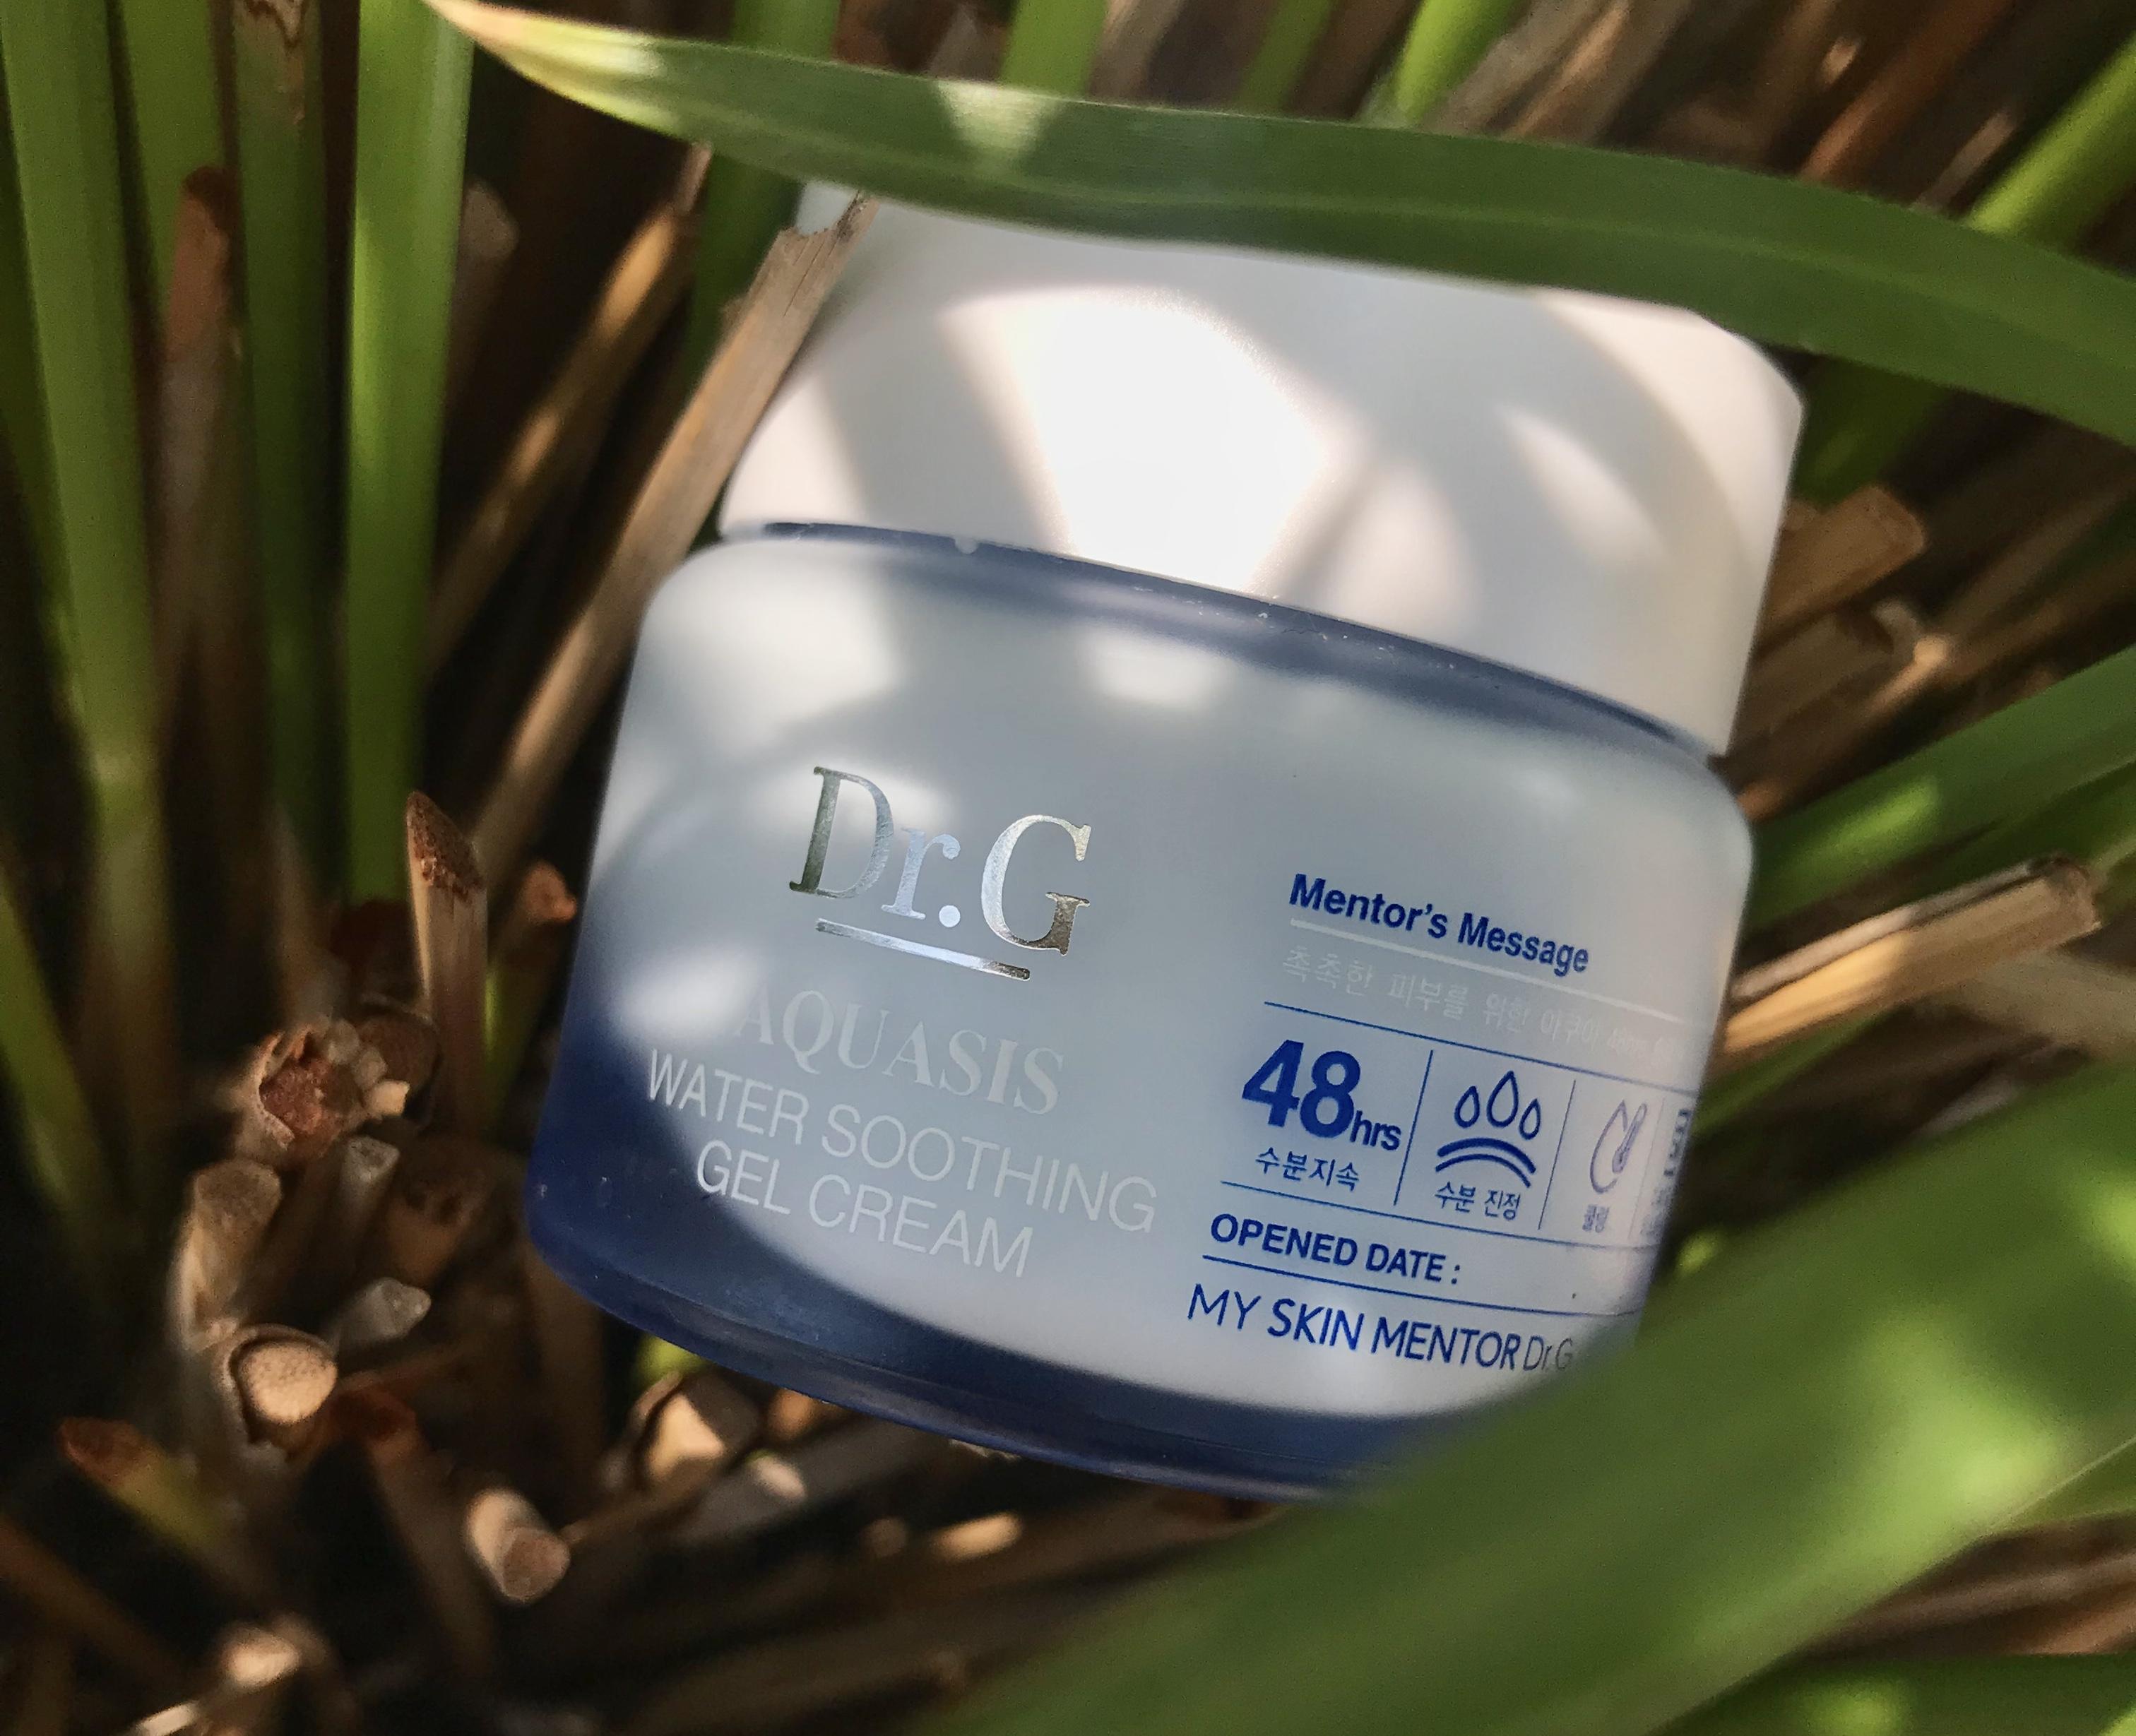 Summer k-beauty essential: Dr G Aquasis Water Soothing Gel Cream